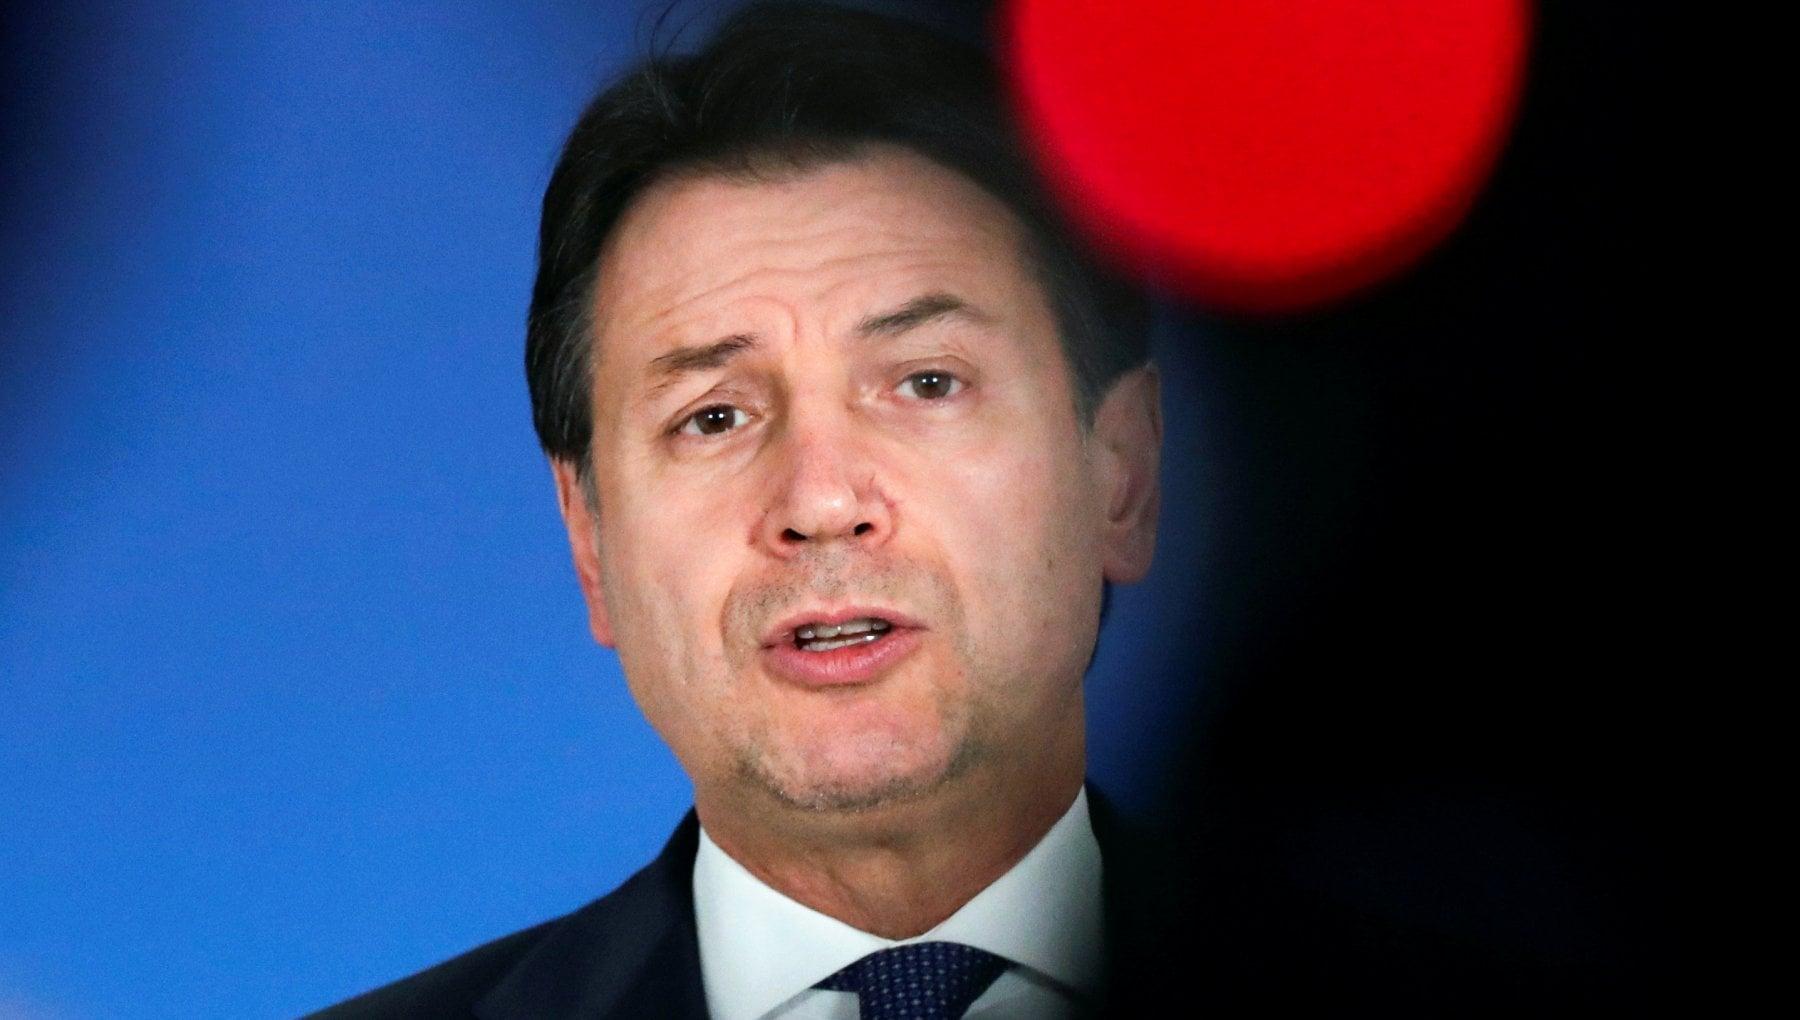 Maggioranza in bilico il Senato ingovernabile per Conte ora e un problema politico